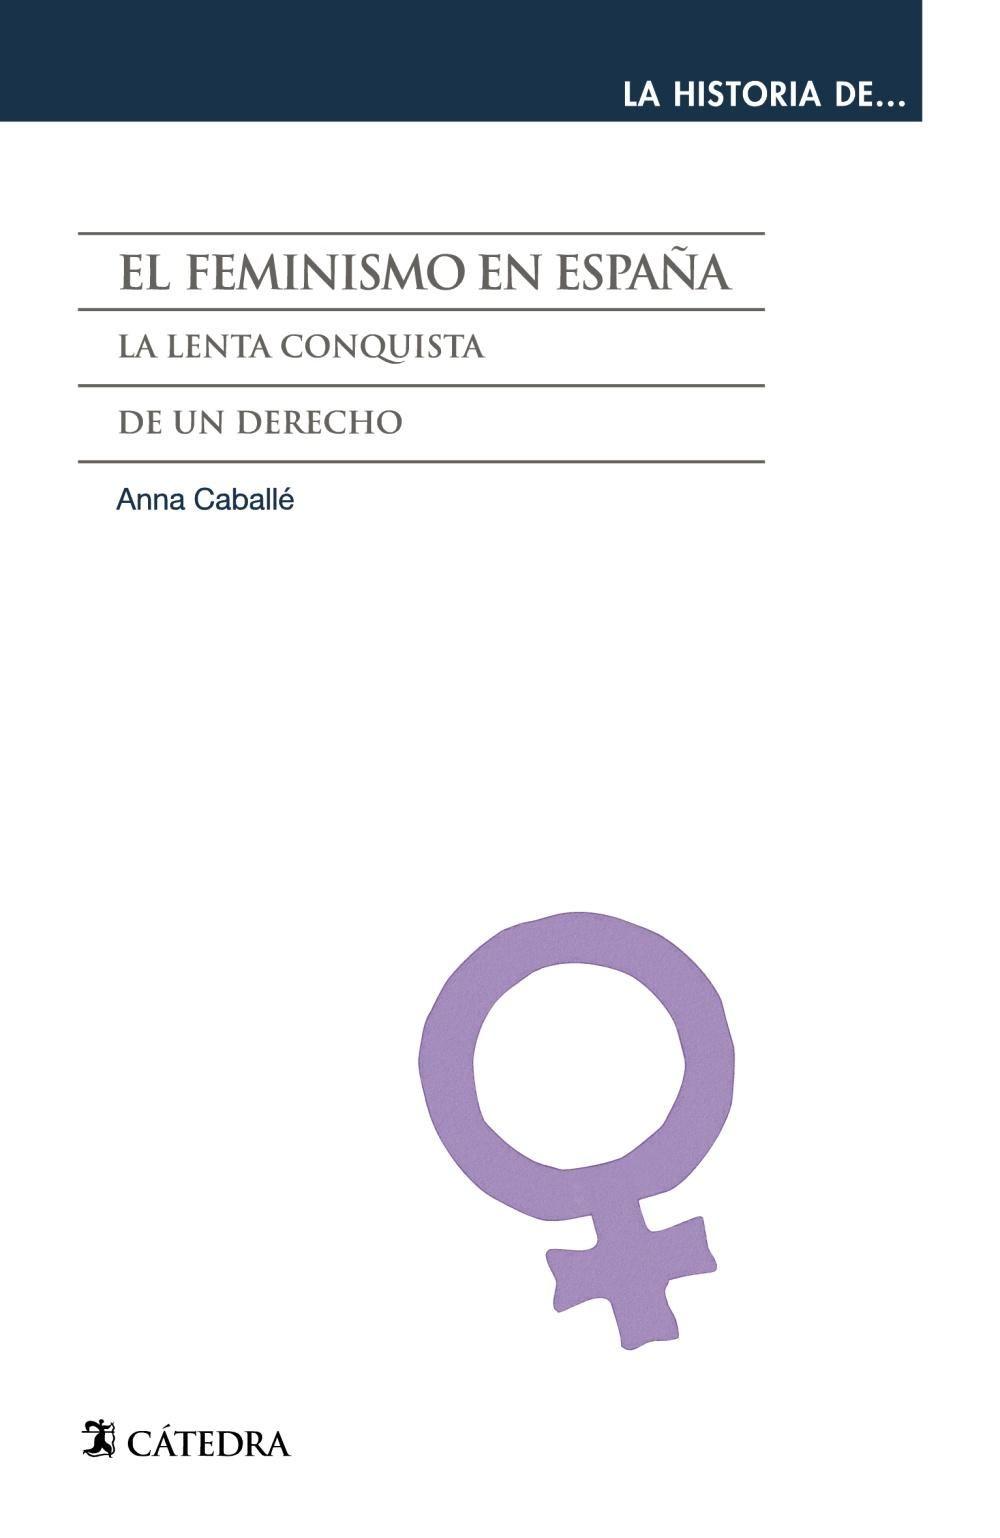 Caballé, Anna. El feminismo en España. Cátedra, 2013